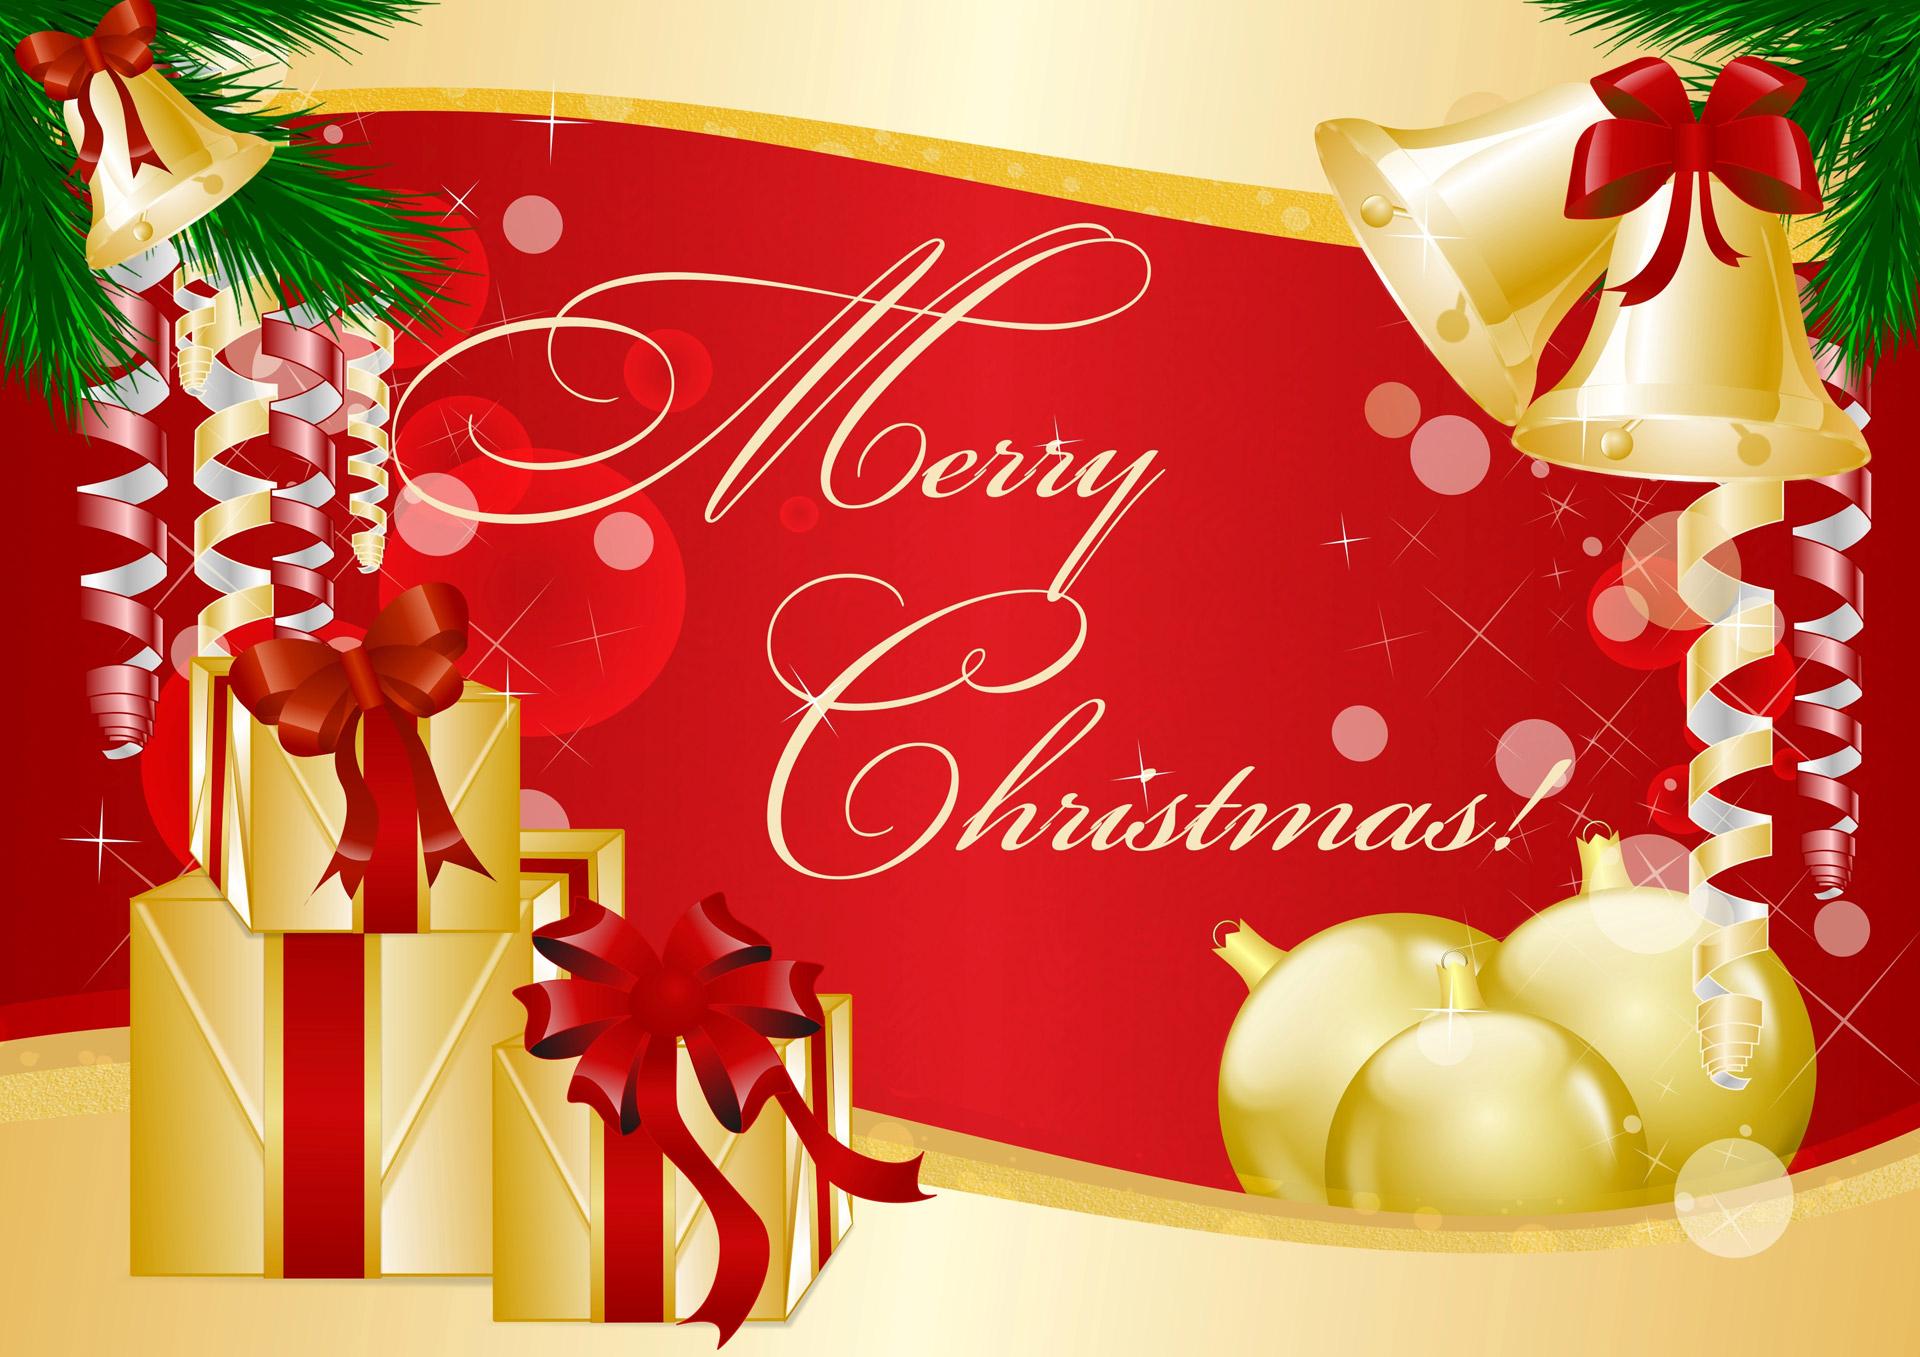 Gambar Selamat Natal 2013 Jengatcom Kabar Terkini